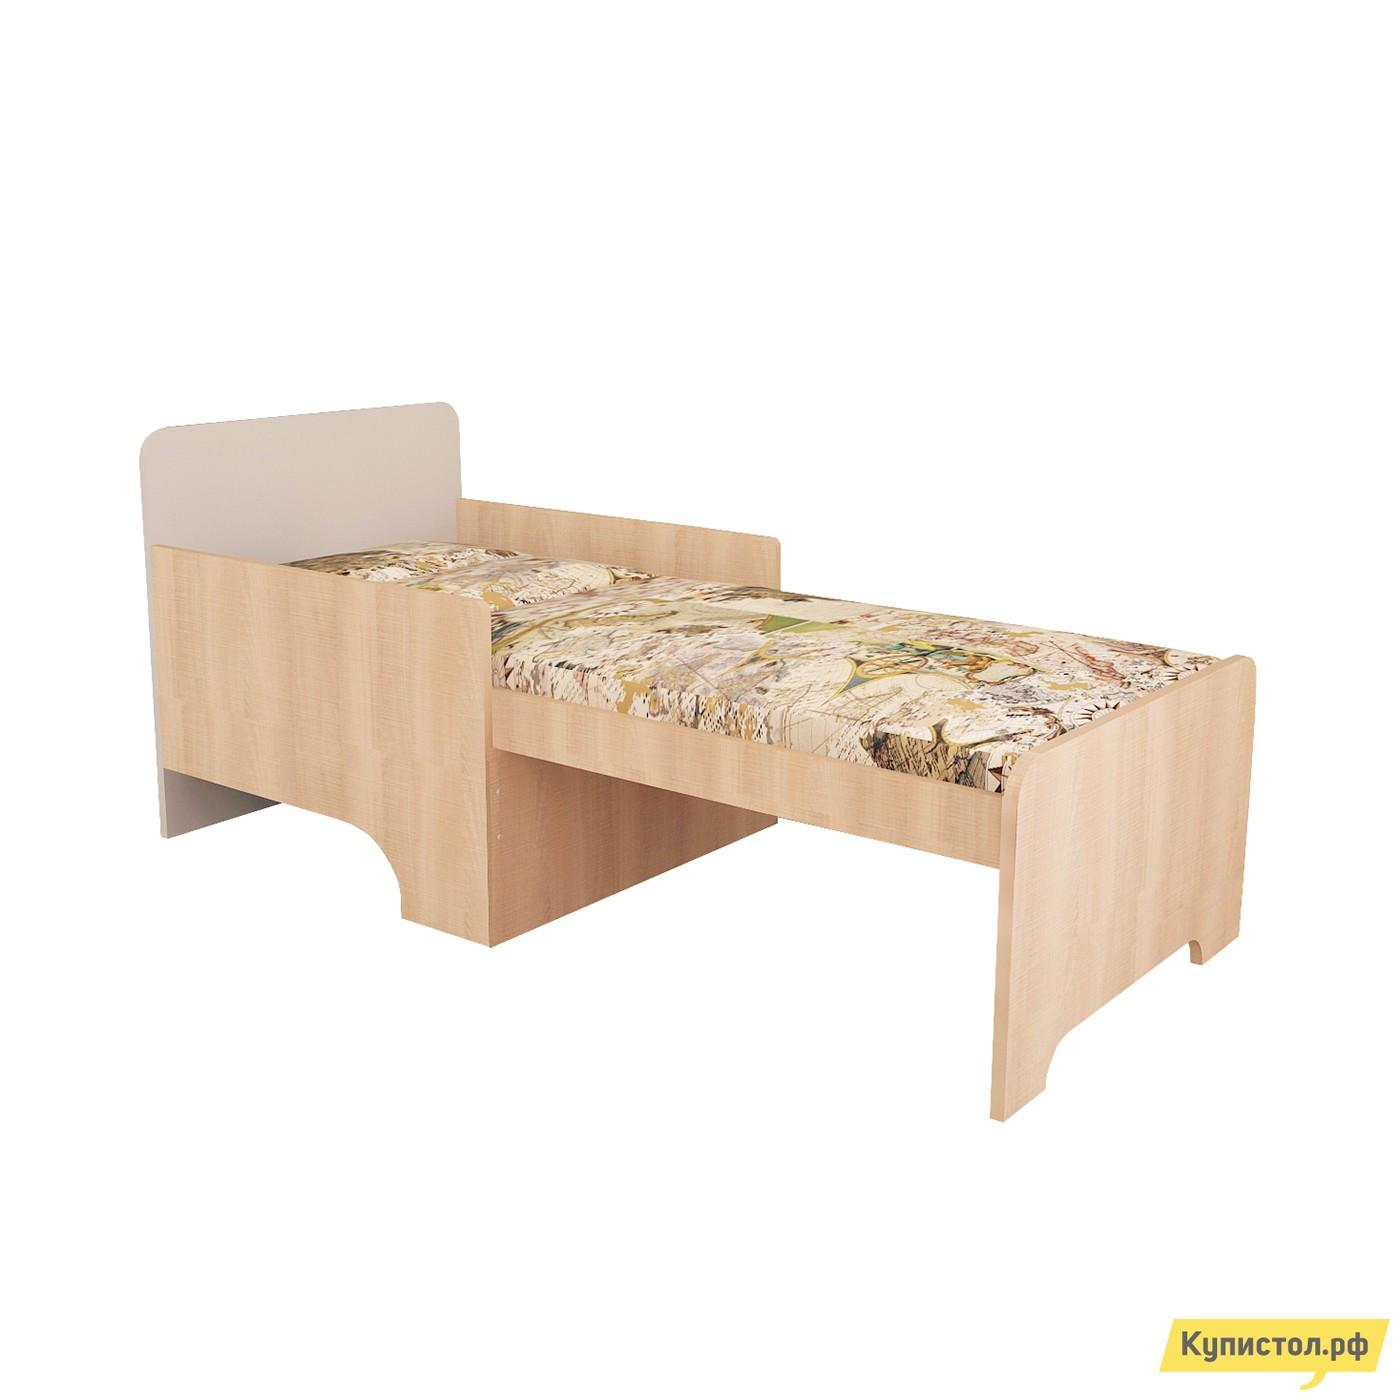 Детская кровать МО РОСТ Кровать вырастайка Первой цены Мадейра / Серый